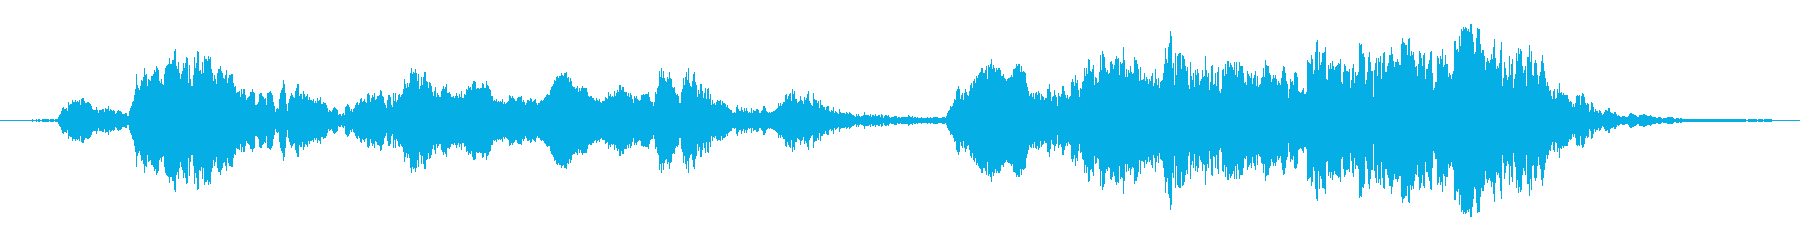 メタルグリル:ハイスクレイピングス...の再生済みの波形